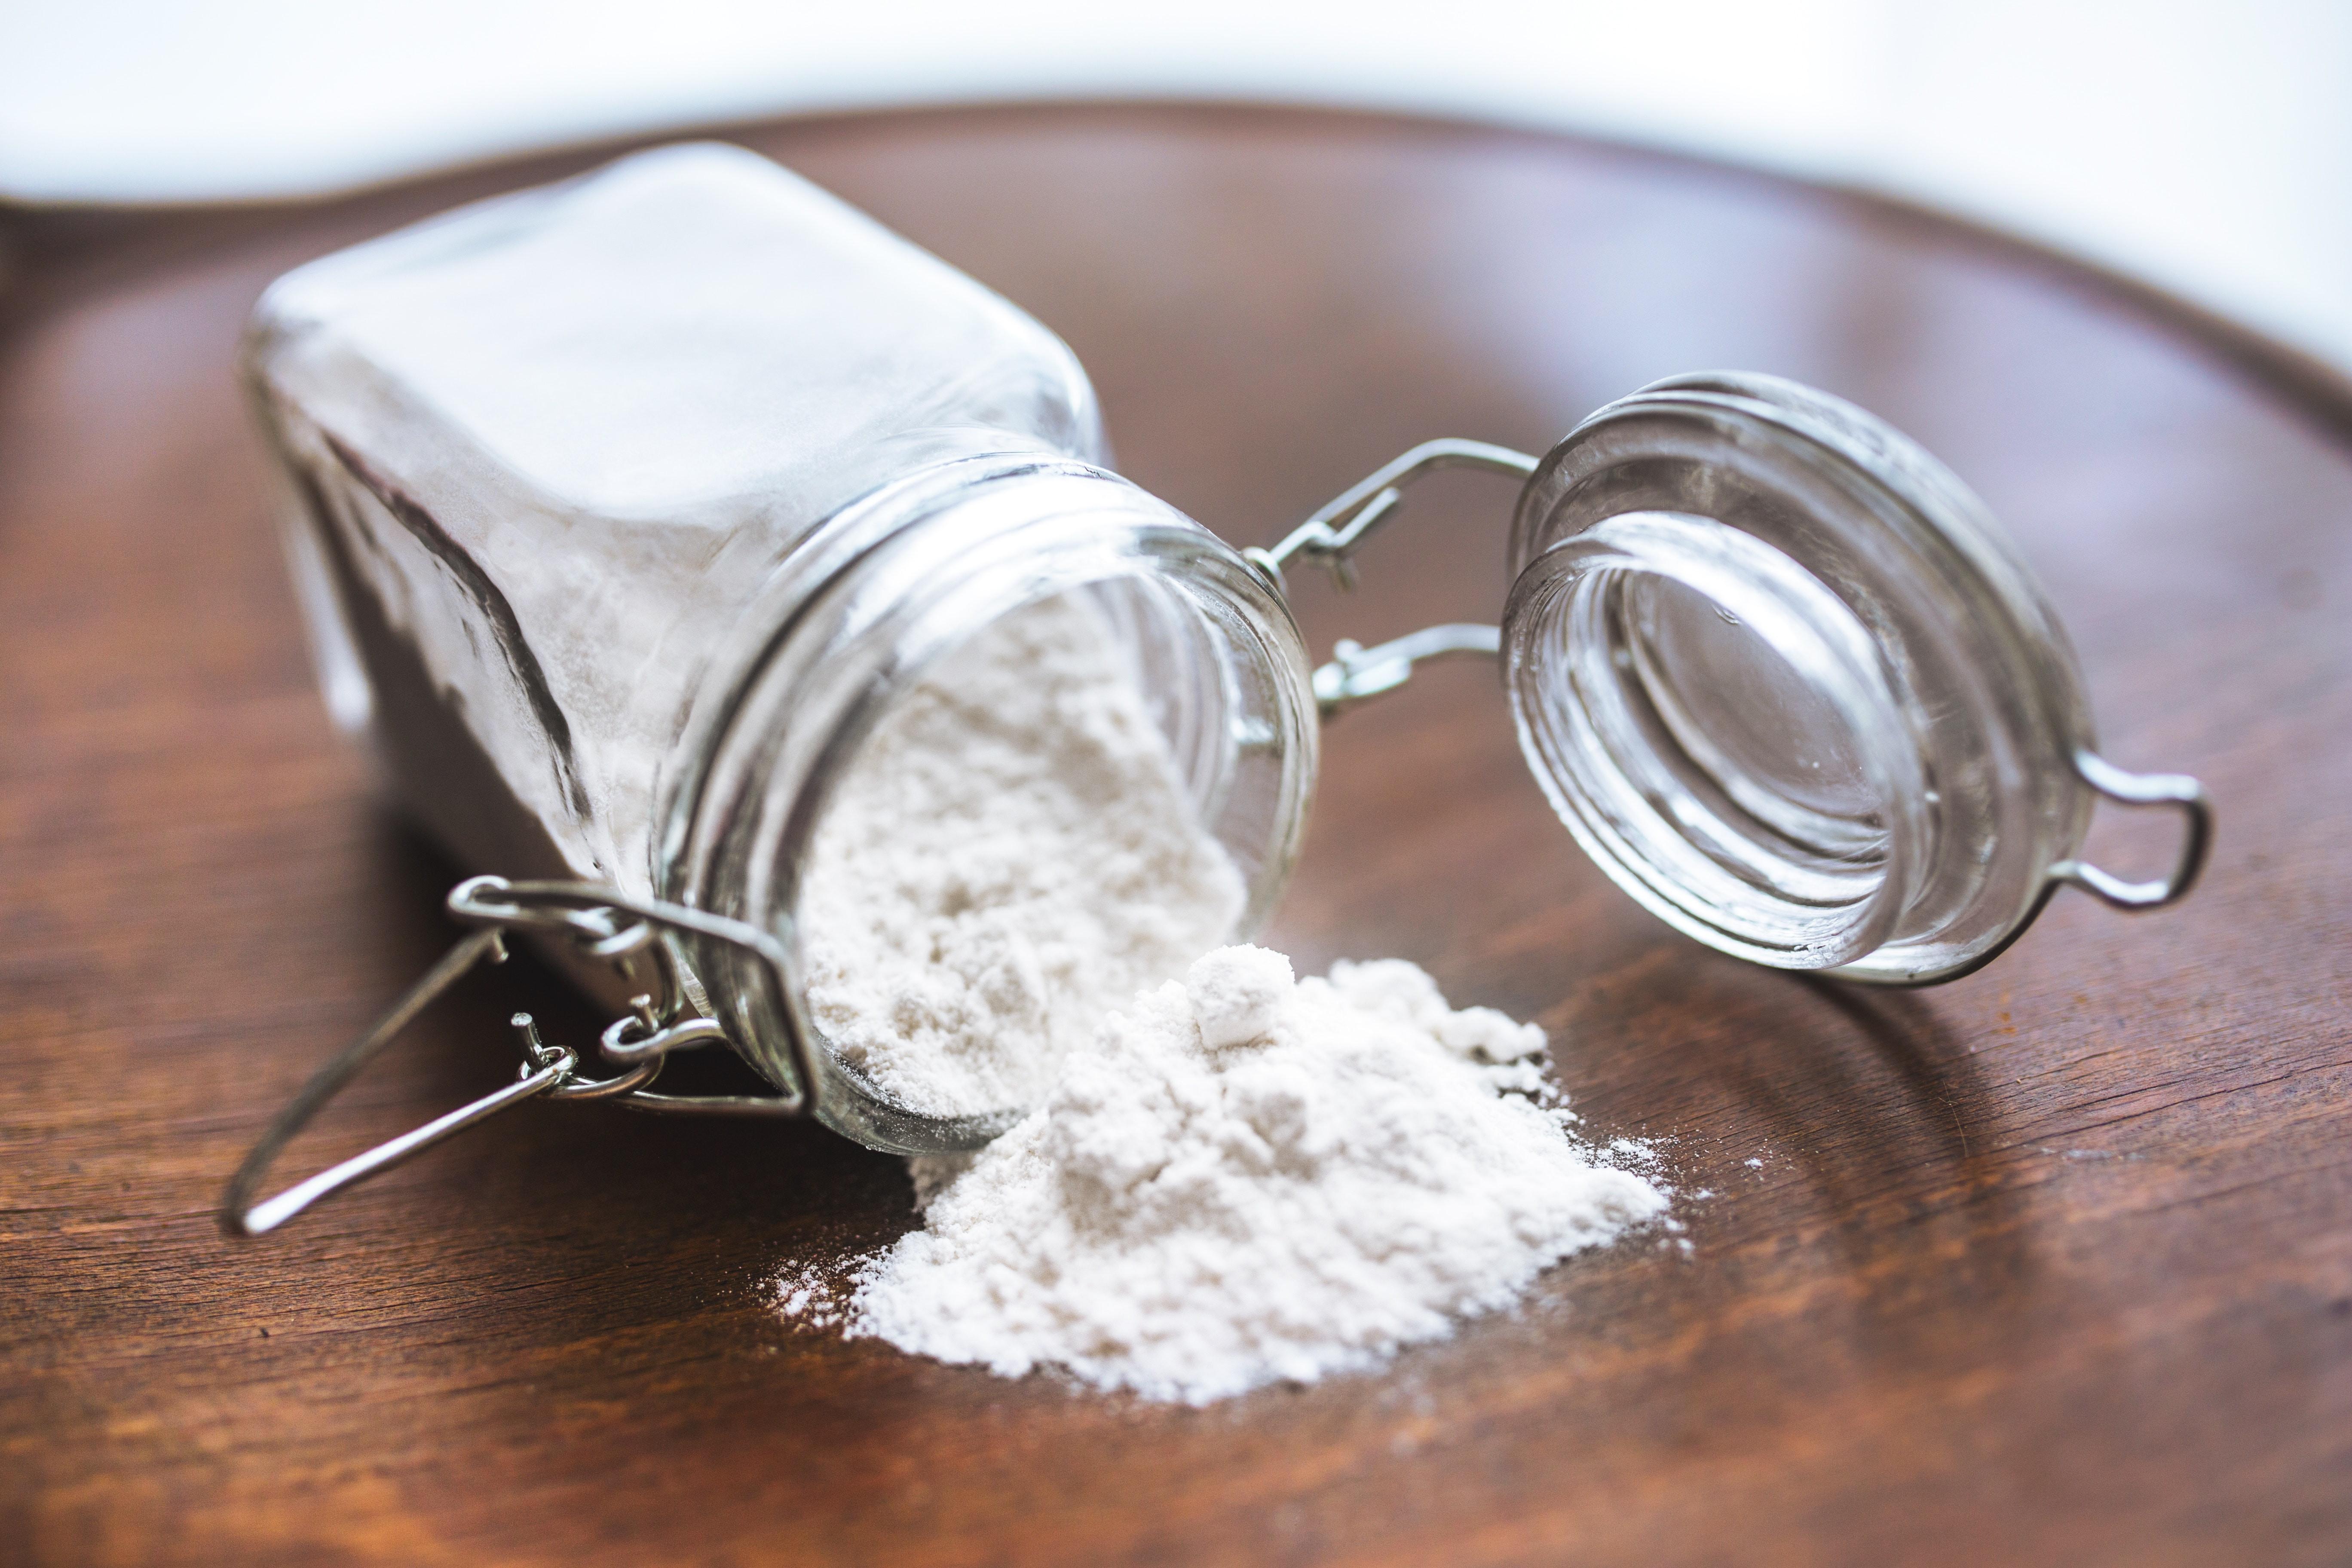 Découvrez la terre de diatomée : 5 utilisations